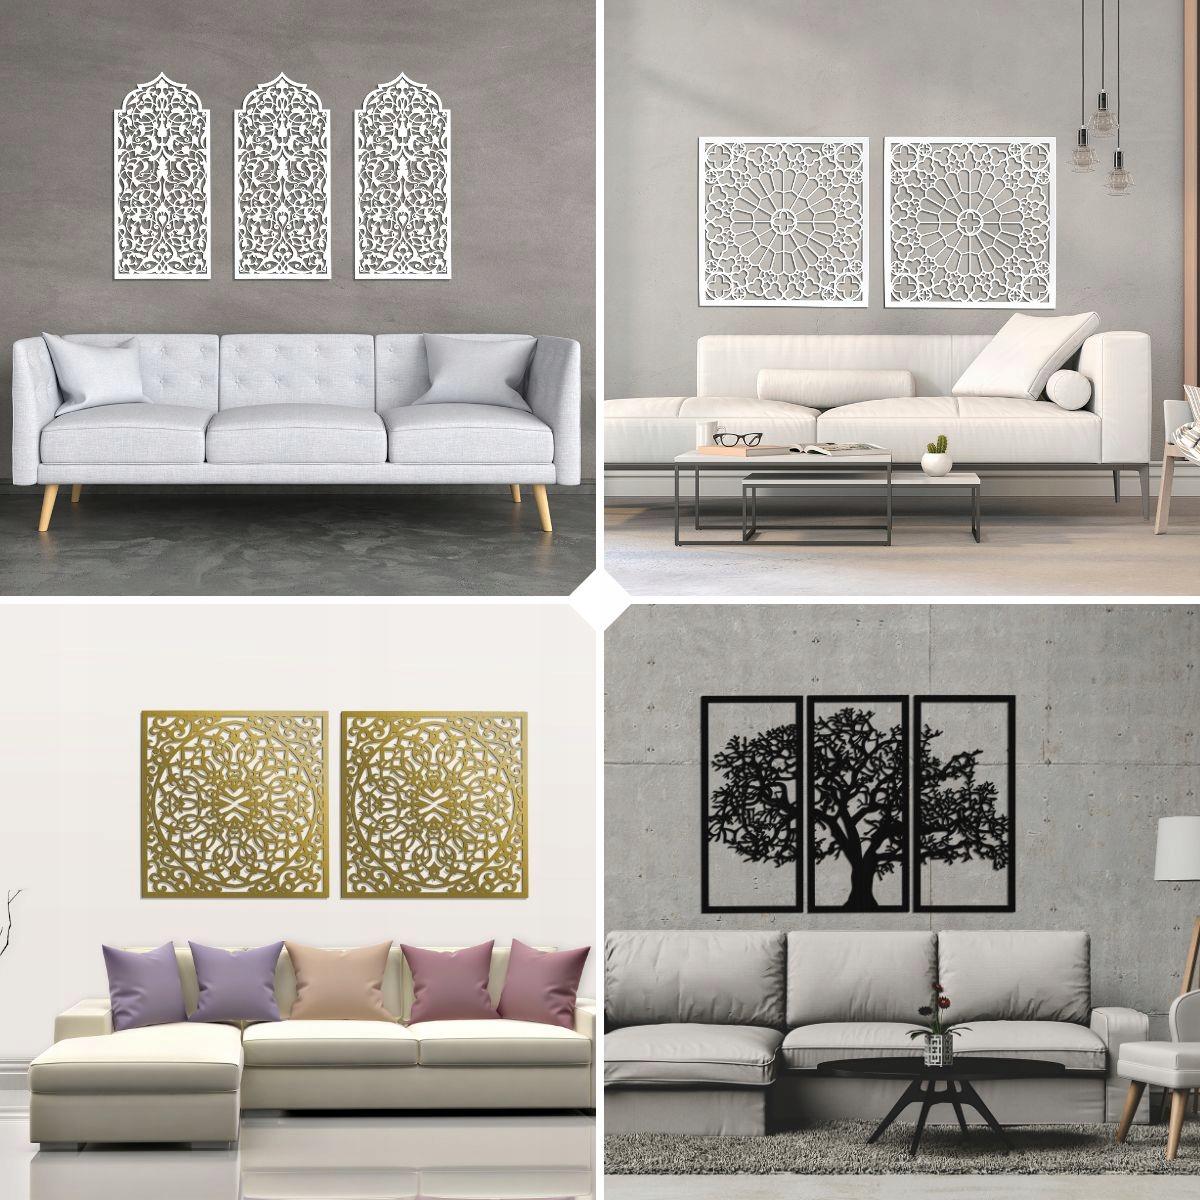 Dekoracyjne Panele 3d Obrazy Ażurowe Do Salonu Interior W